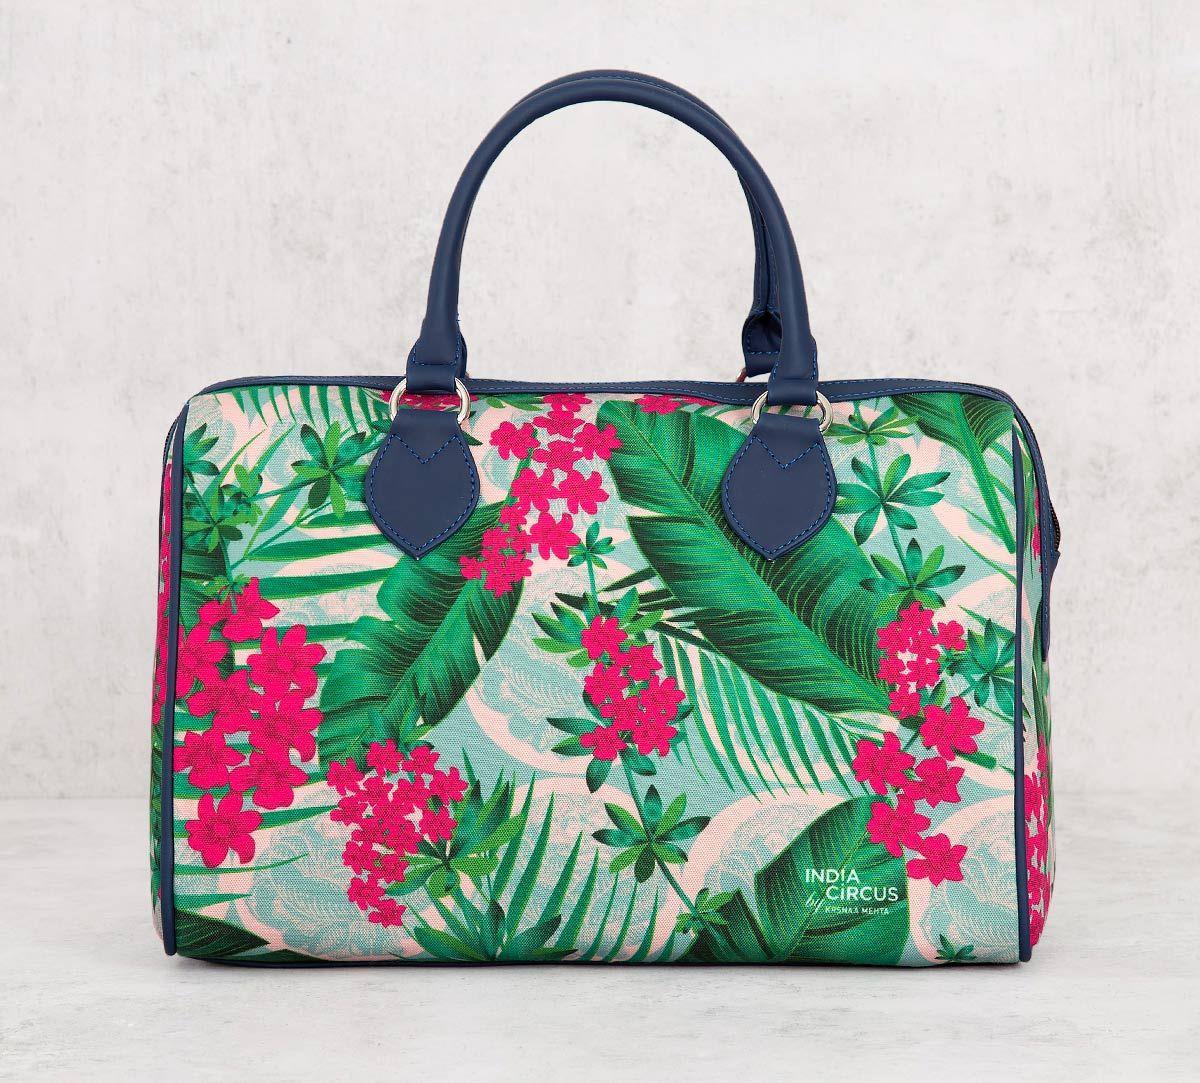 India Circus Tropical Treasures Duffle Bag